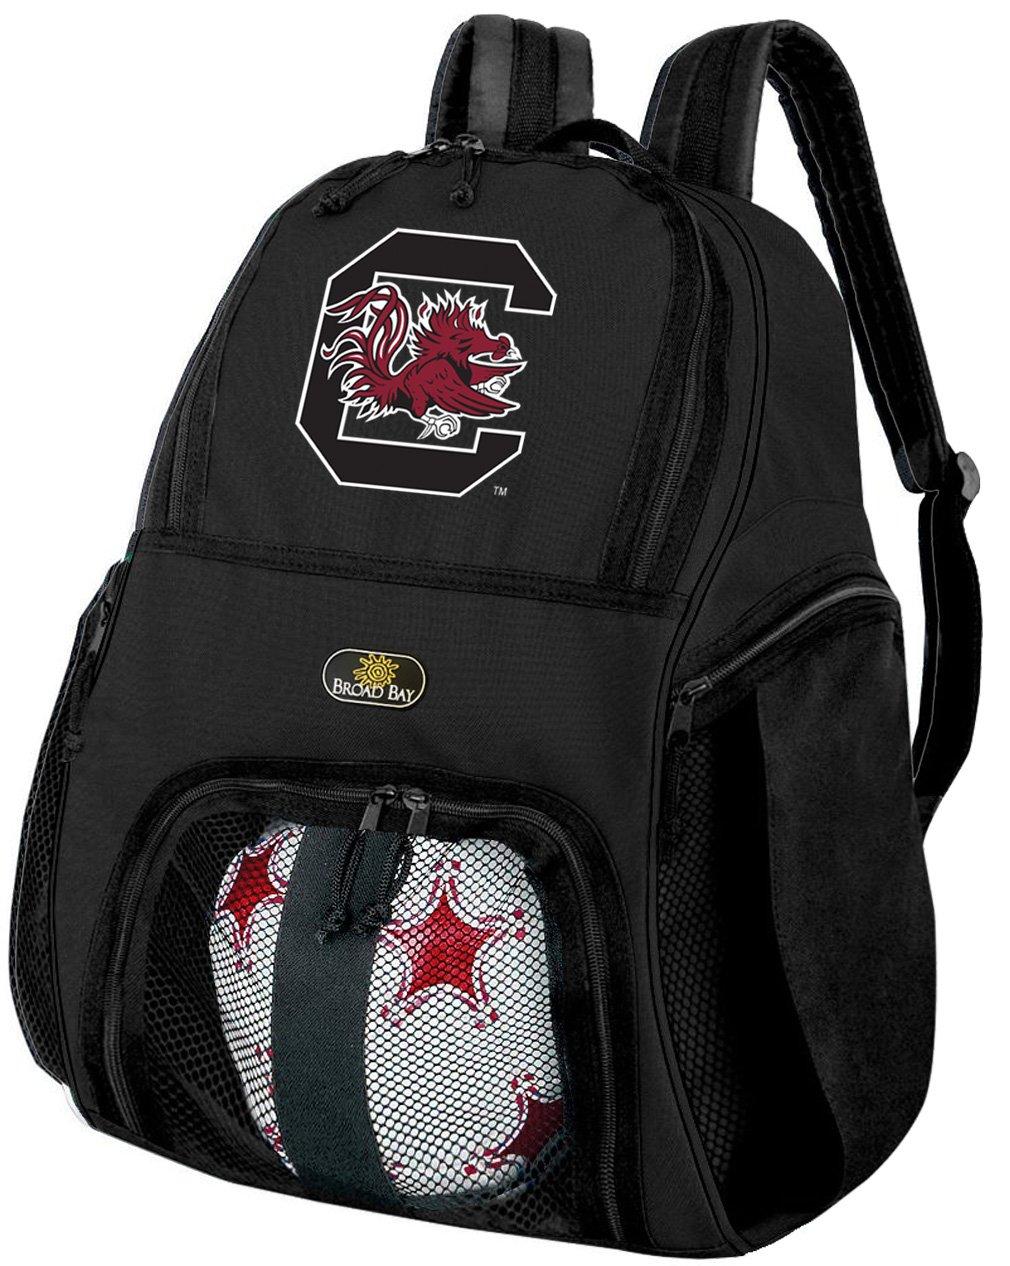 University of South CarolinaサッカーバックパックまたはSouth Carolina Gamecocksバレーボールバッグ B008Y4OTU6